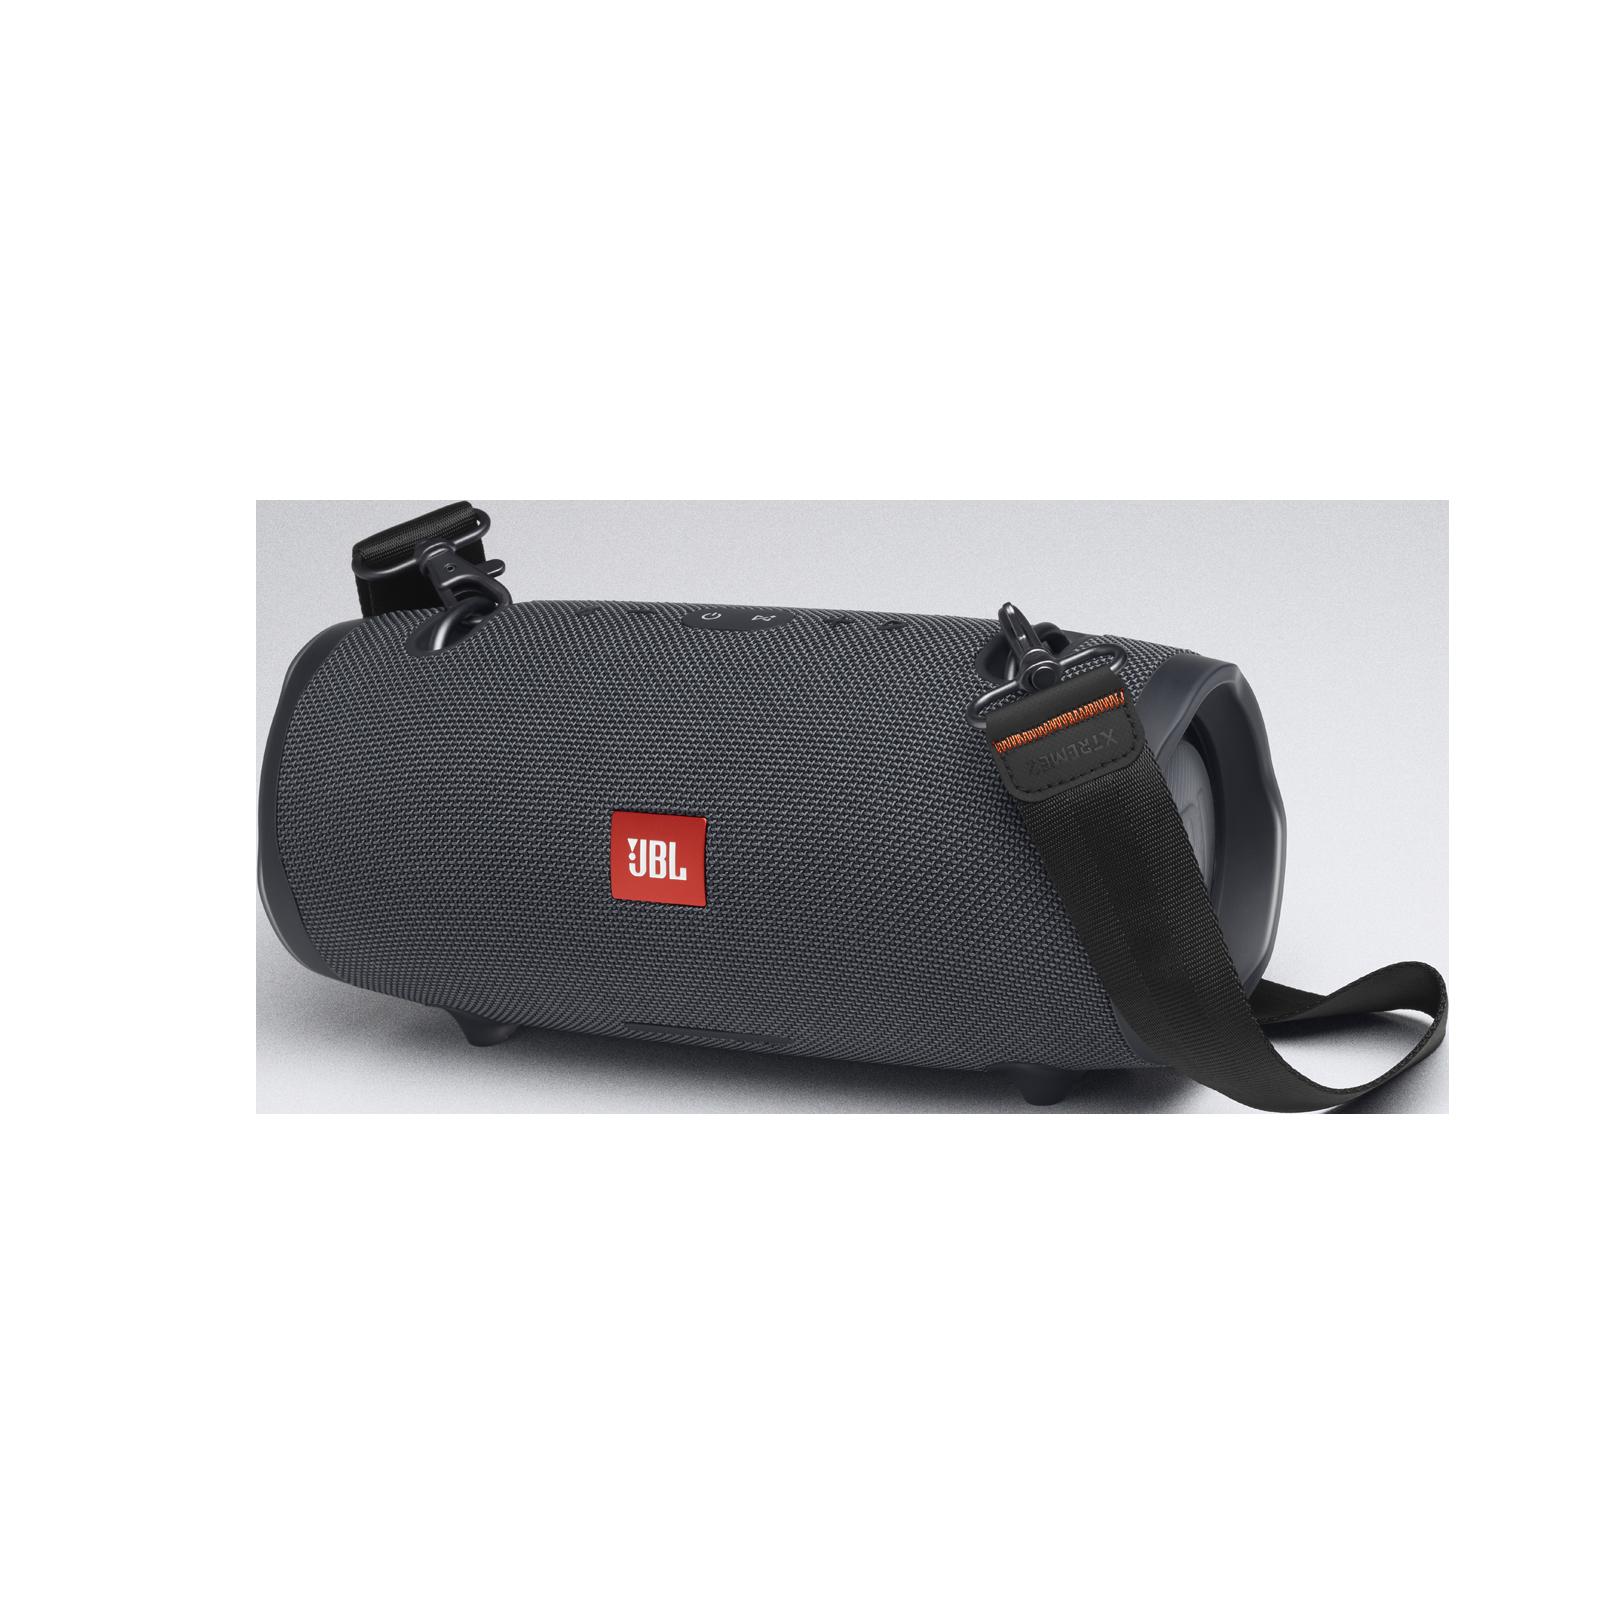 JBL Xtreme 2 Gun Metal - Gun Metal - Portable Bluetooth Speaker - Detailshot 2